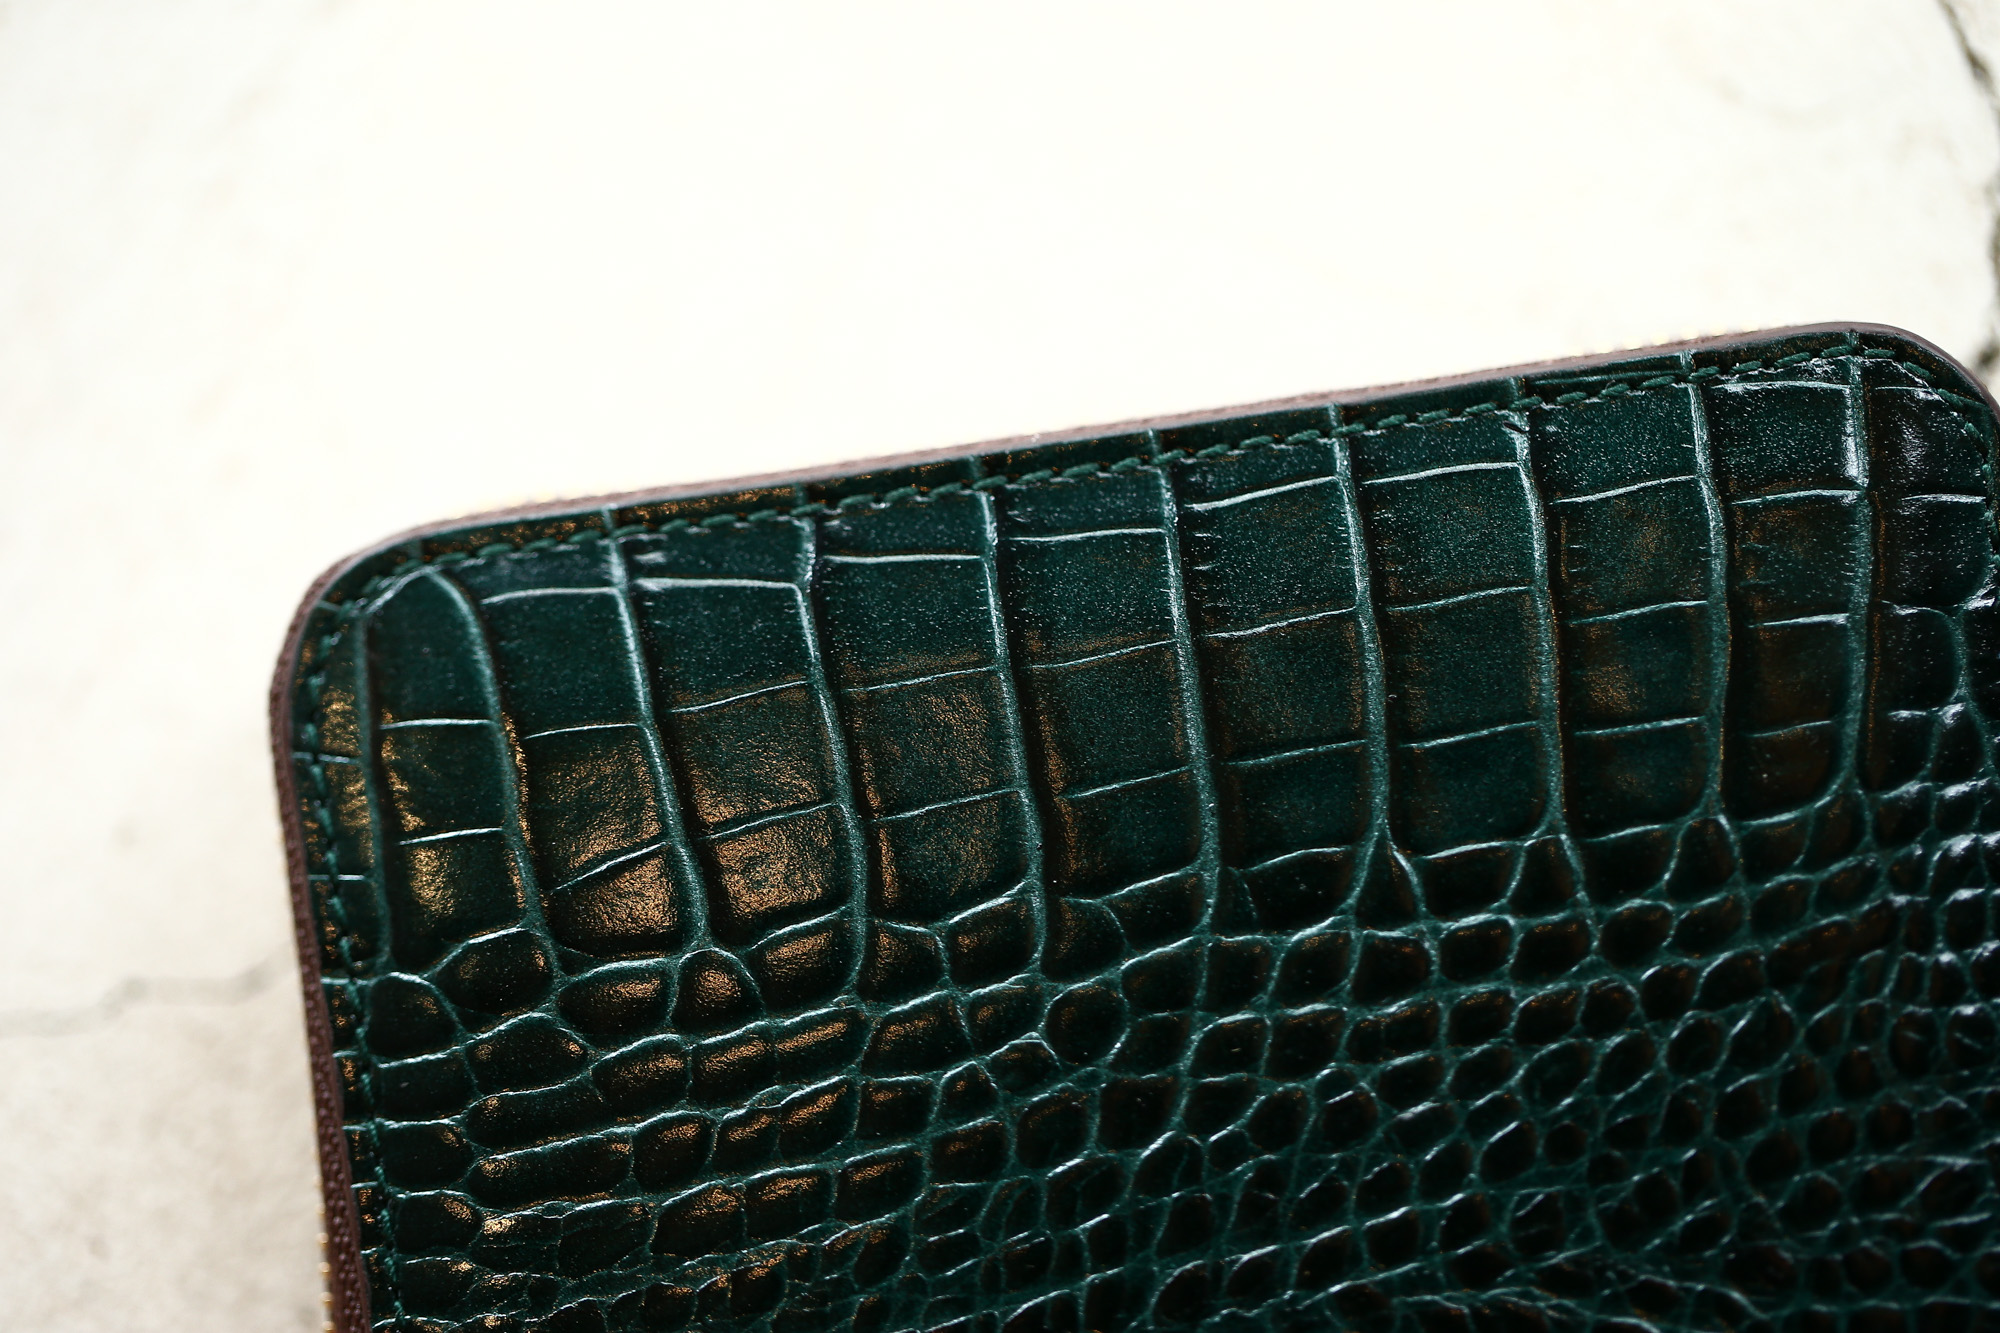 J&M DAVIDSON (ジェイアンドエムデヴィッドソン) SMALL ZIP PURSE (スモール ジップ パース) 7444 SMALL MOCK CROC (クロコダイル型押し) 折財布 ショートウォレット BOTTLE GREEN / NIGTH (ボトルグリーン / ナイト・4800) Made in spain (スペイン製) 2017 秋冬新作 jandmdavidosn smallzippurse サイフ ウォレット ジェイエムデヴィッドソン 愛知 名古屋 ZODIAC ゾディアック